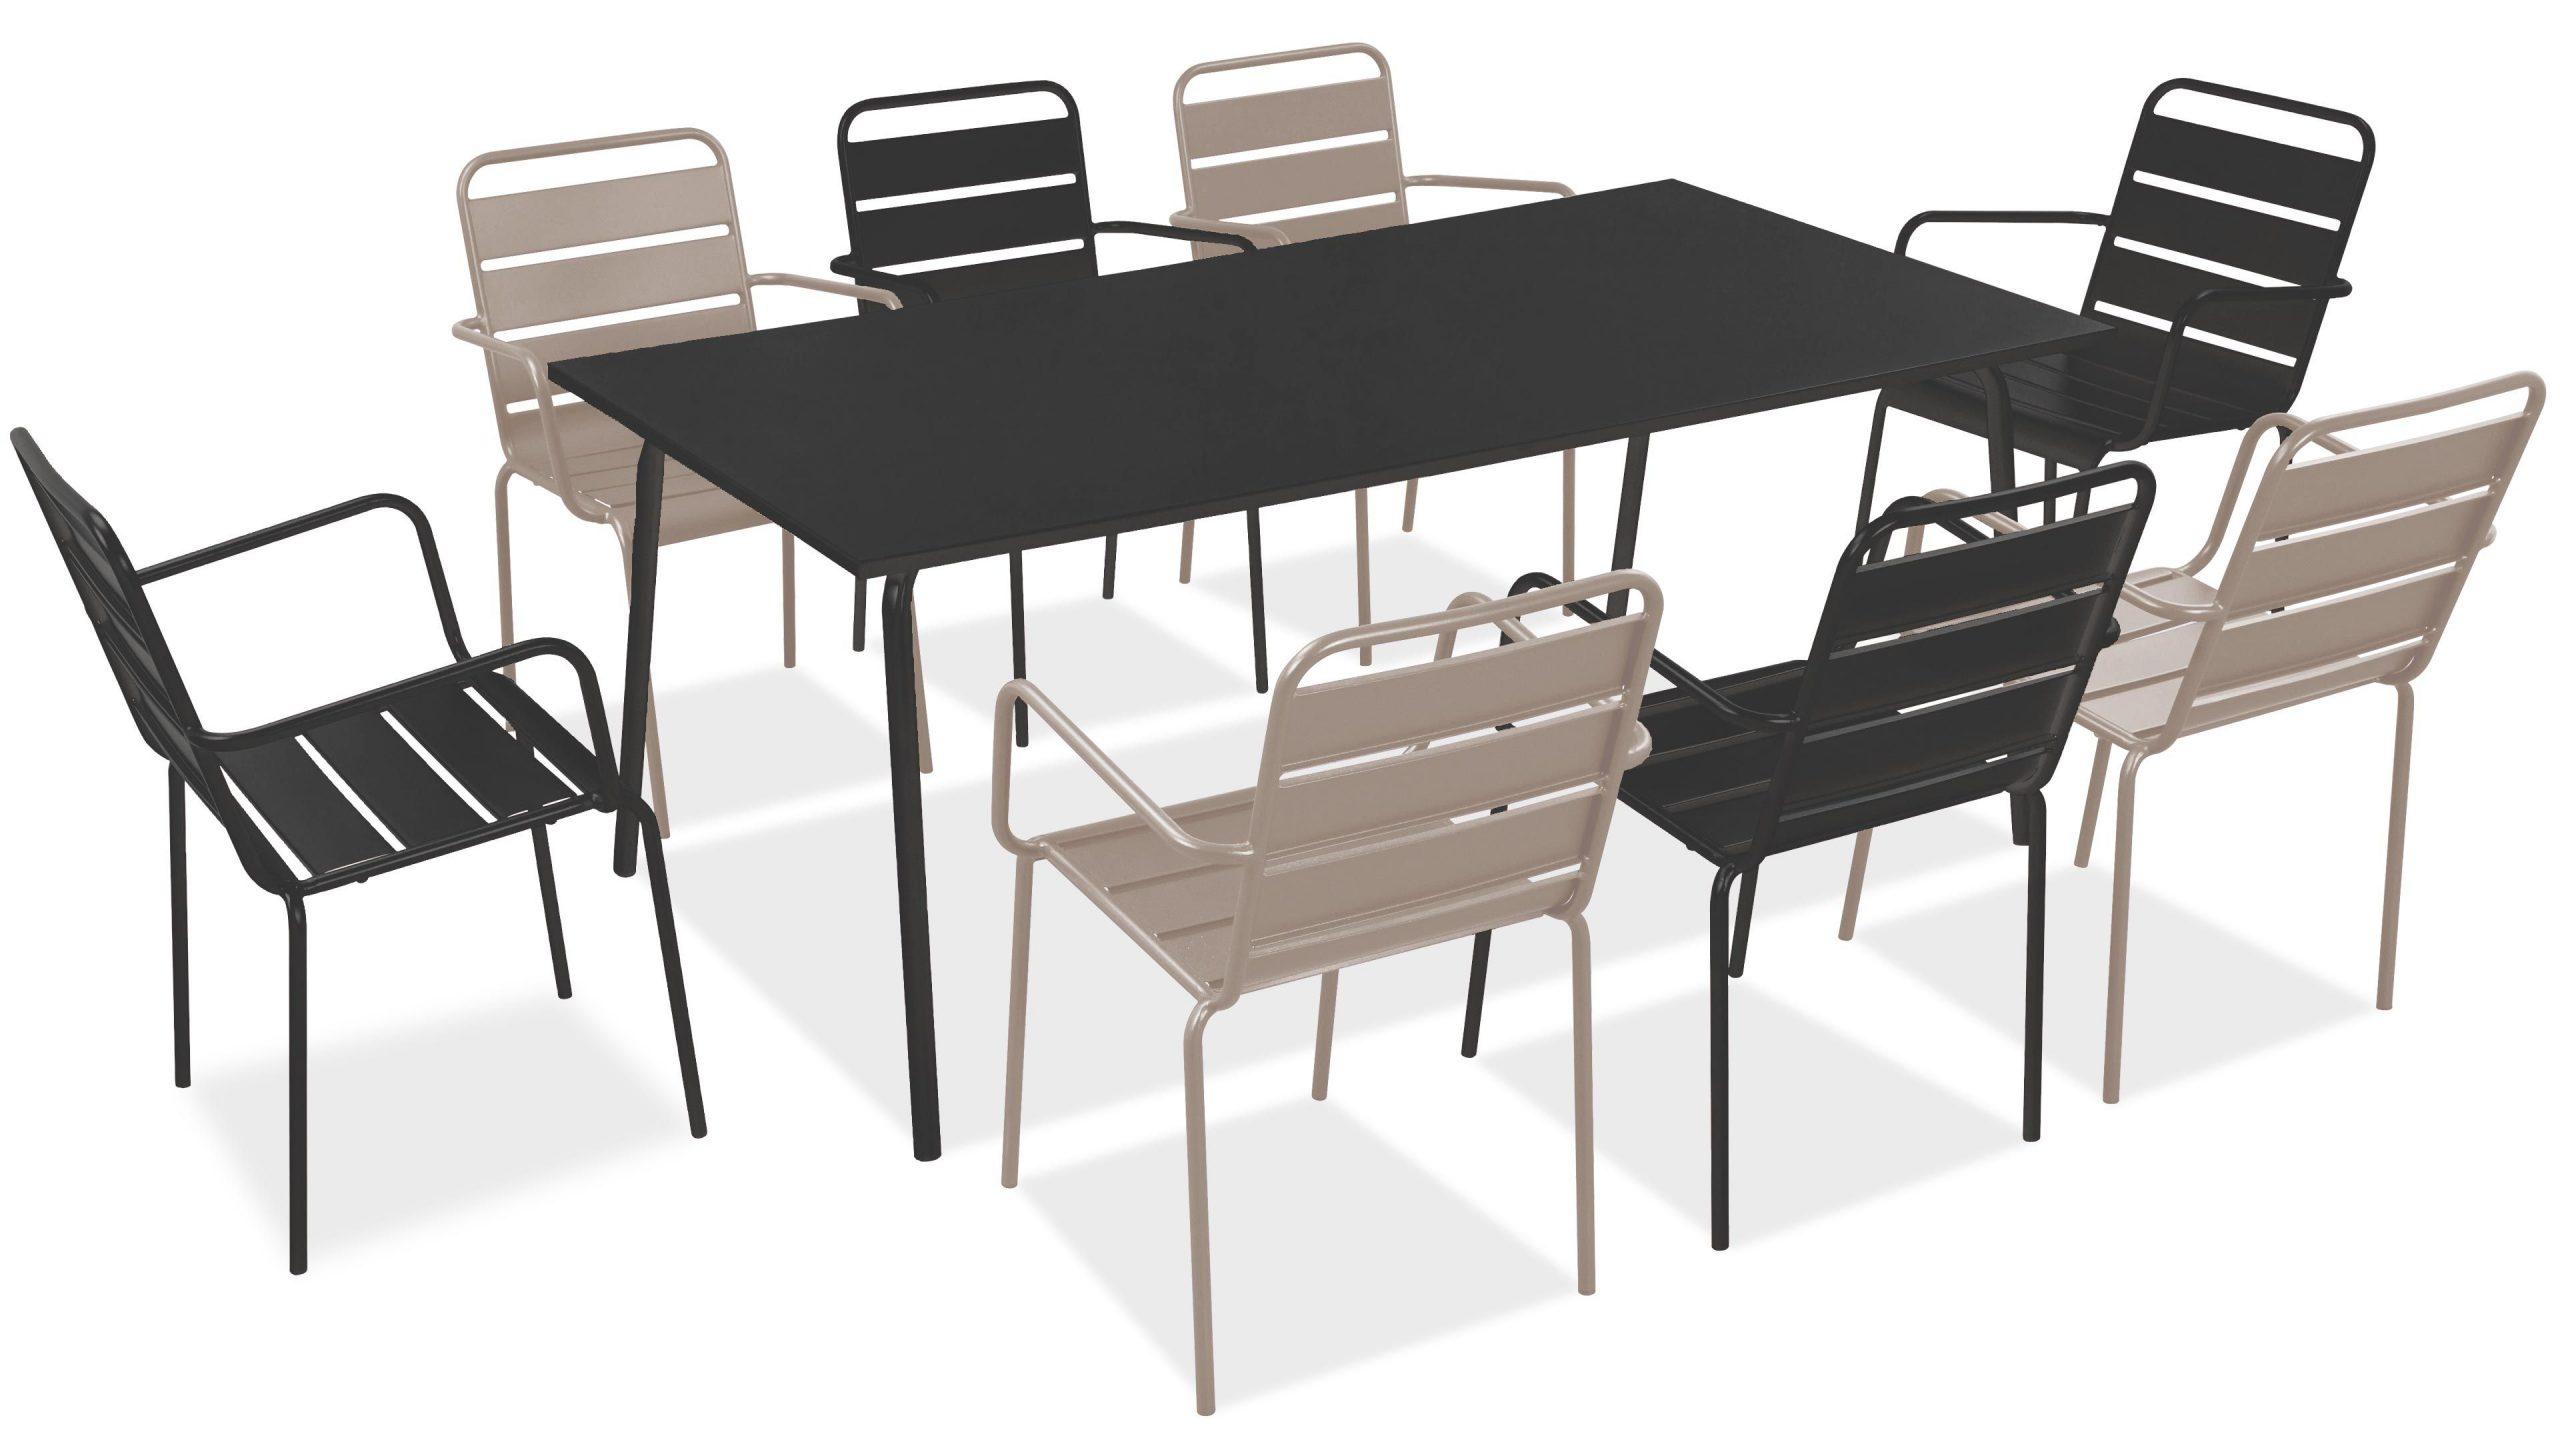 Salon De Jardin Metal Table Et Fauteuils destiné Mobilier De Jardin Soldes